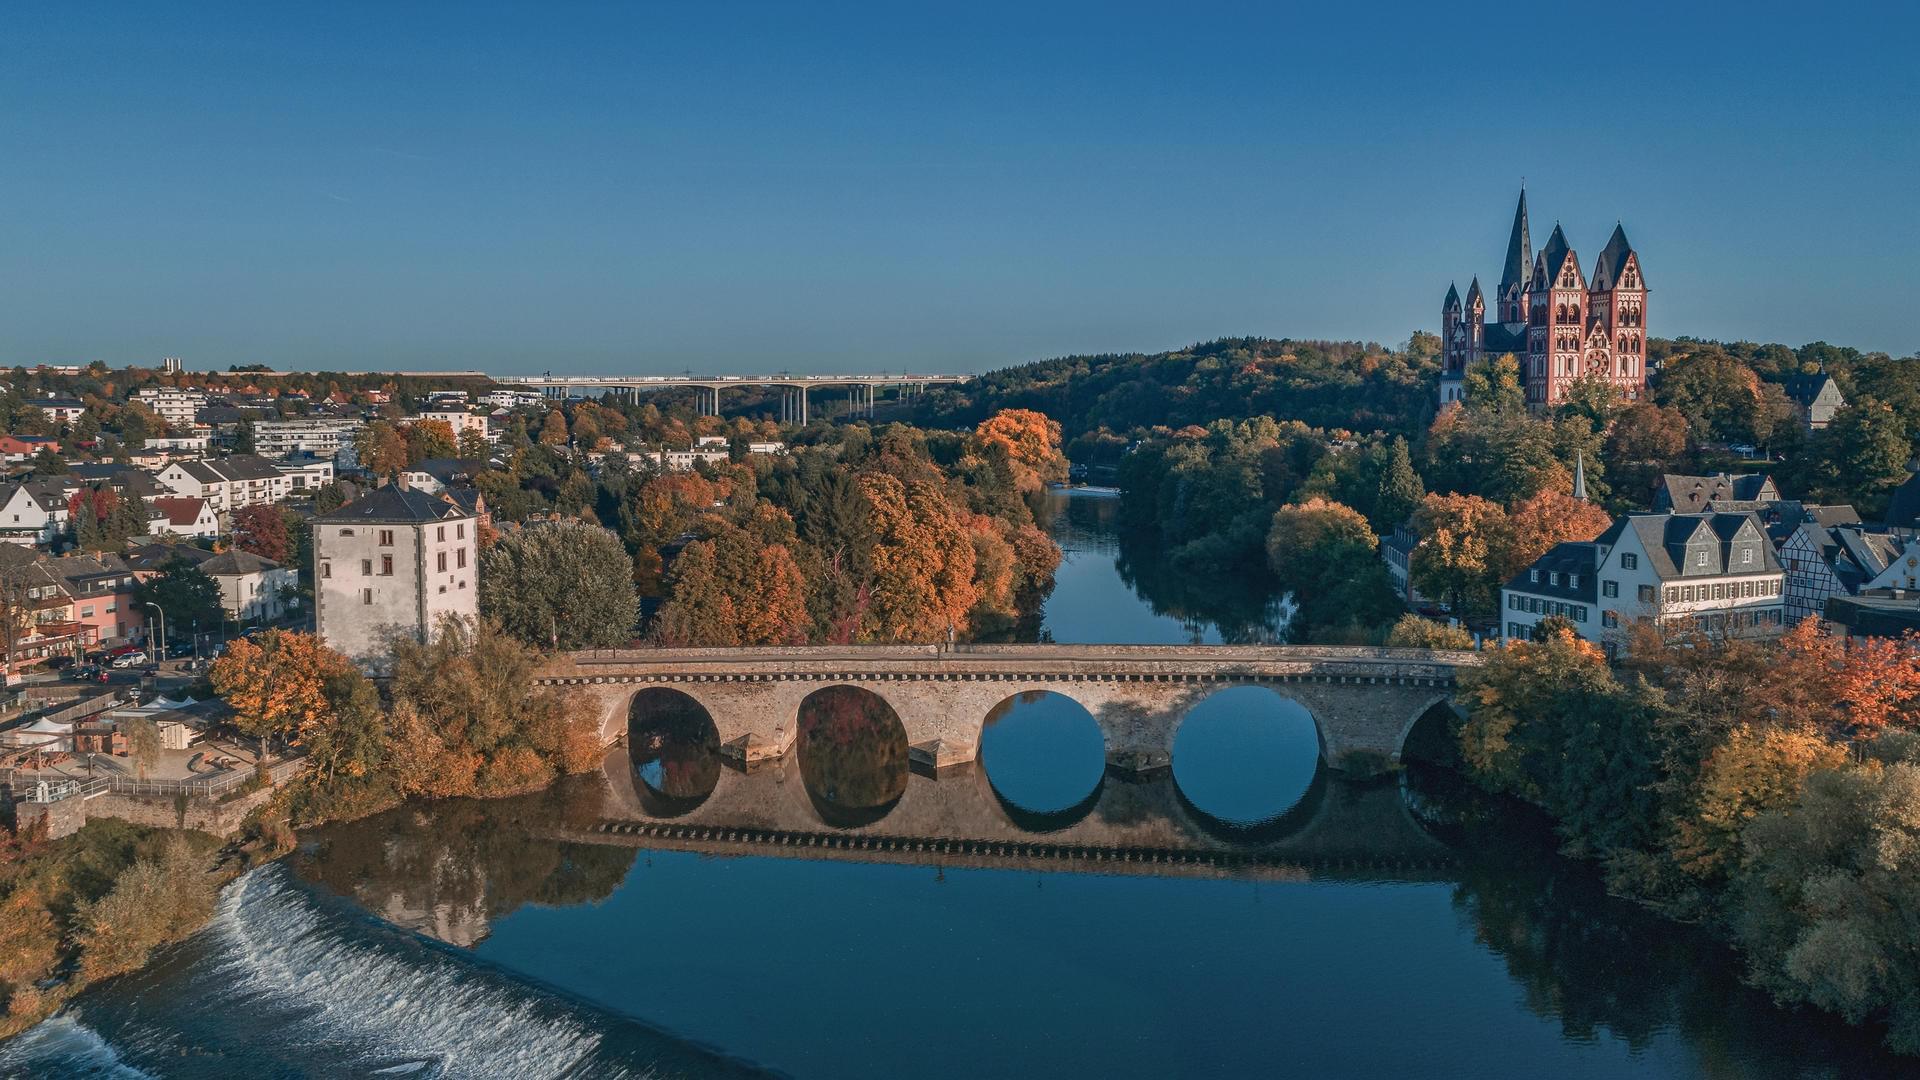 Hier sehen Sie ein Bild von der Stadt Limburg an der Lahn. Hier ist zu sehen die Lahn, die Brücke und der Limburger Dom.